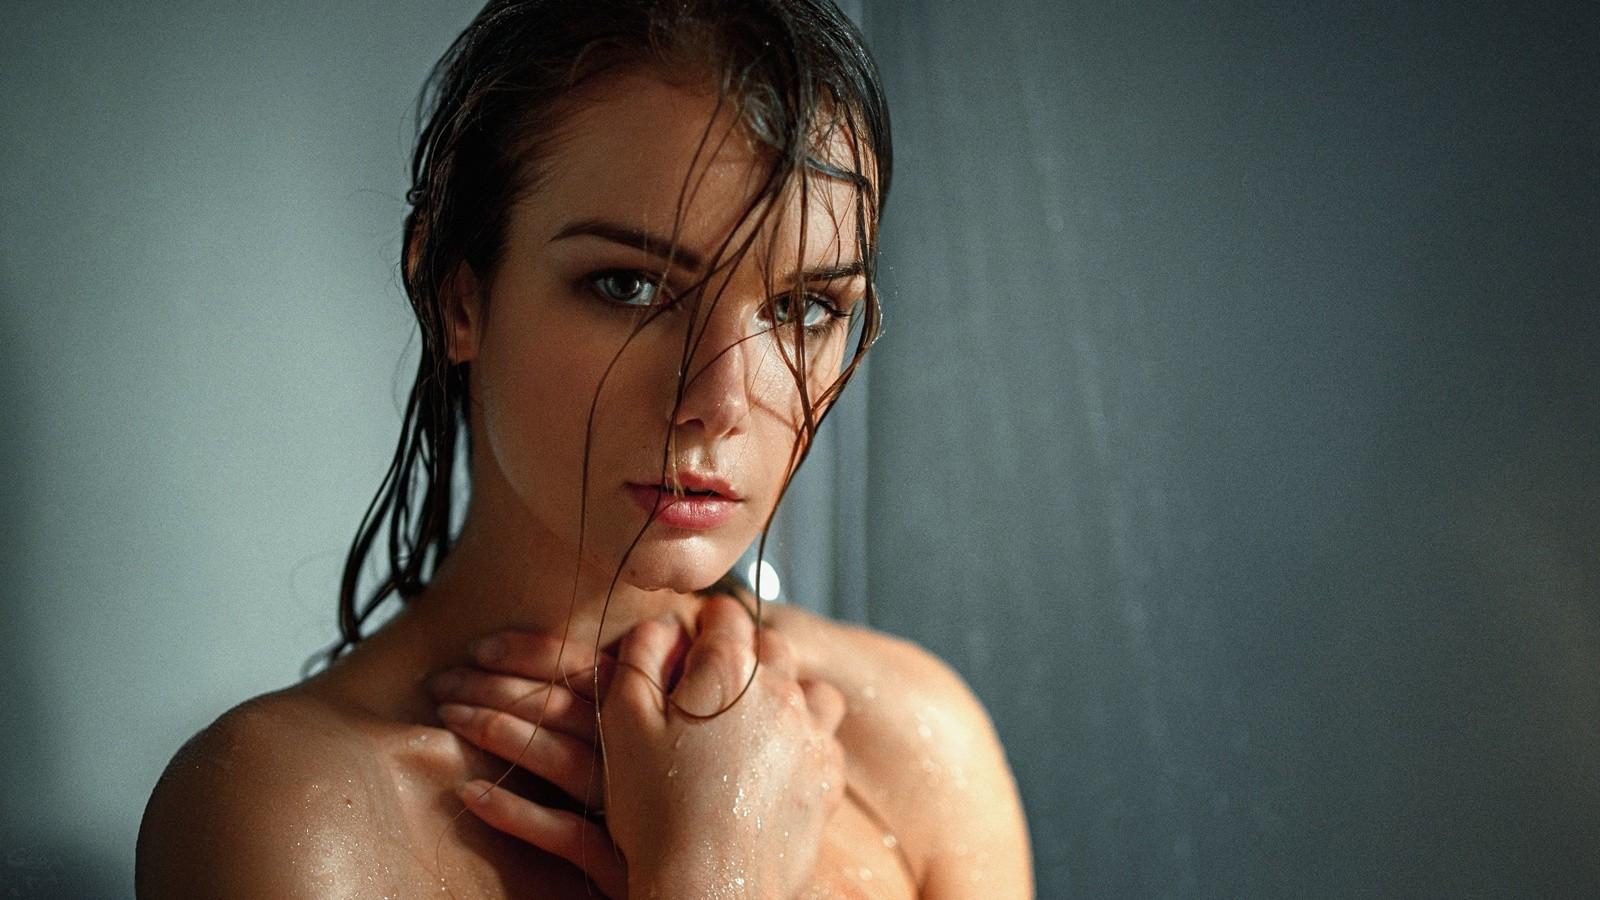 мол обворожительные женщины фото мокрые фар дворе